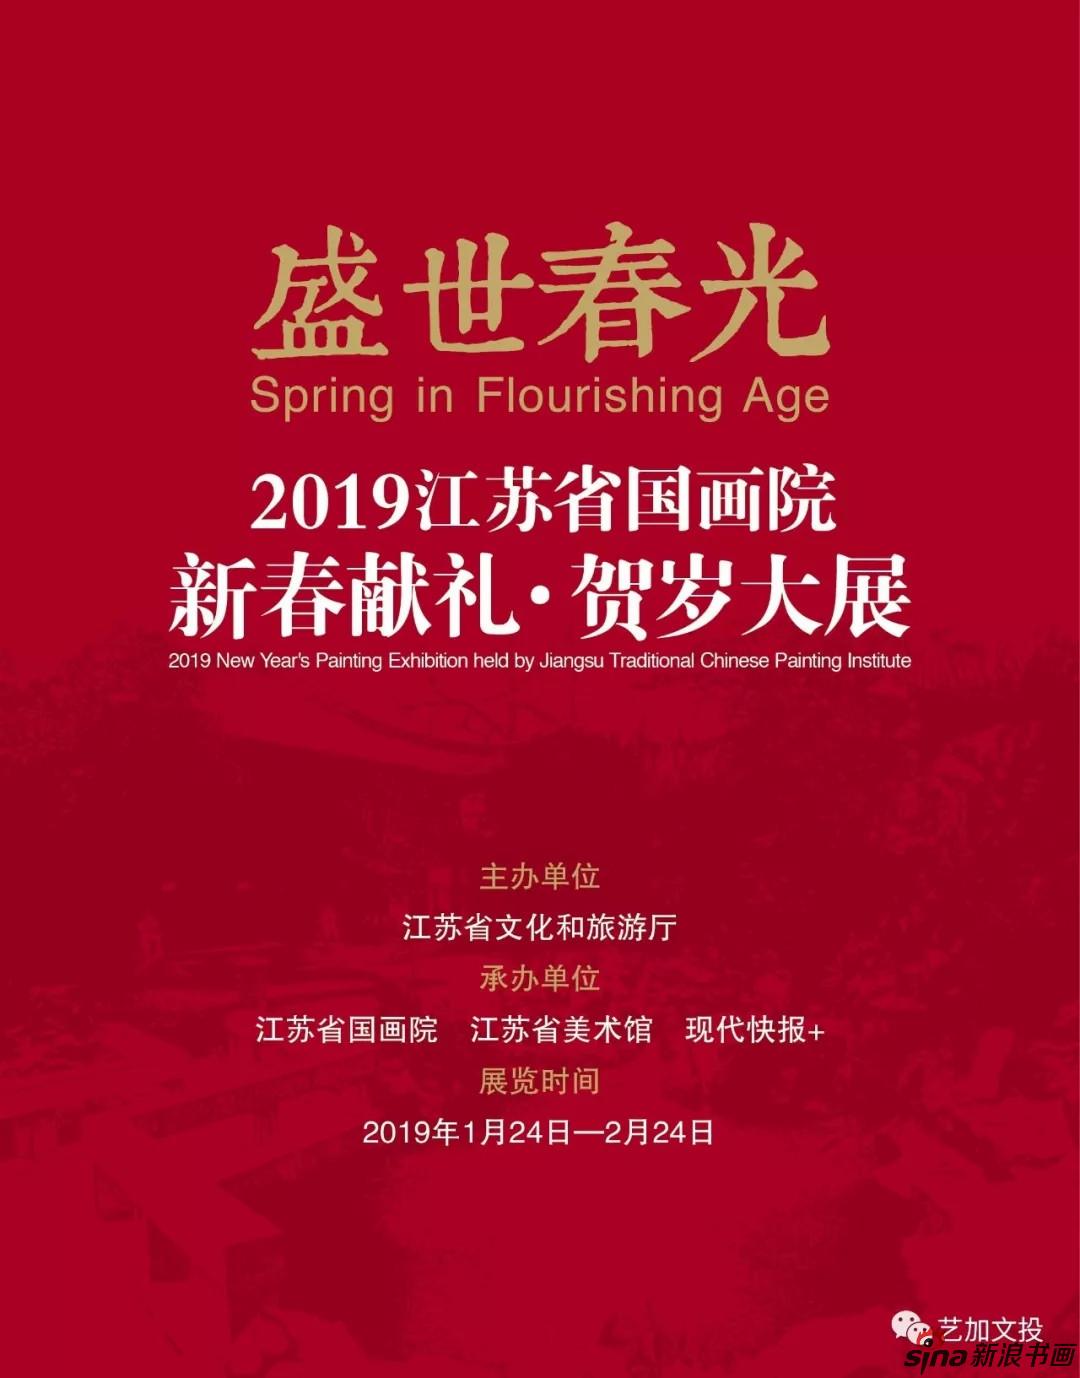 2019江苏省国画院新春献礼·贺岁大展即将开幕